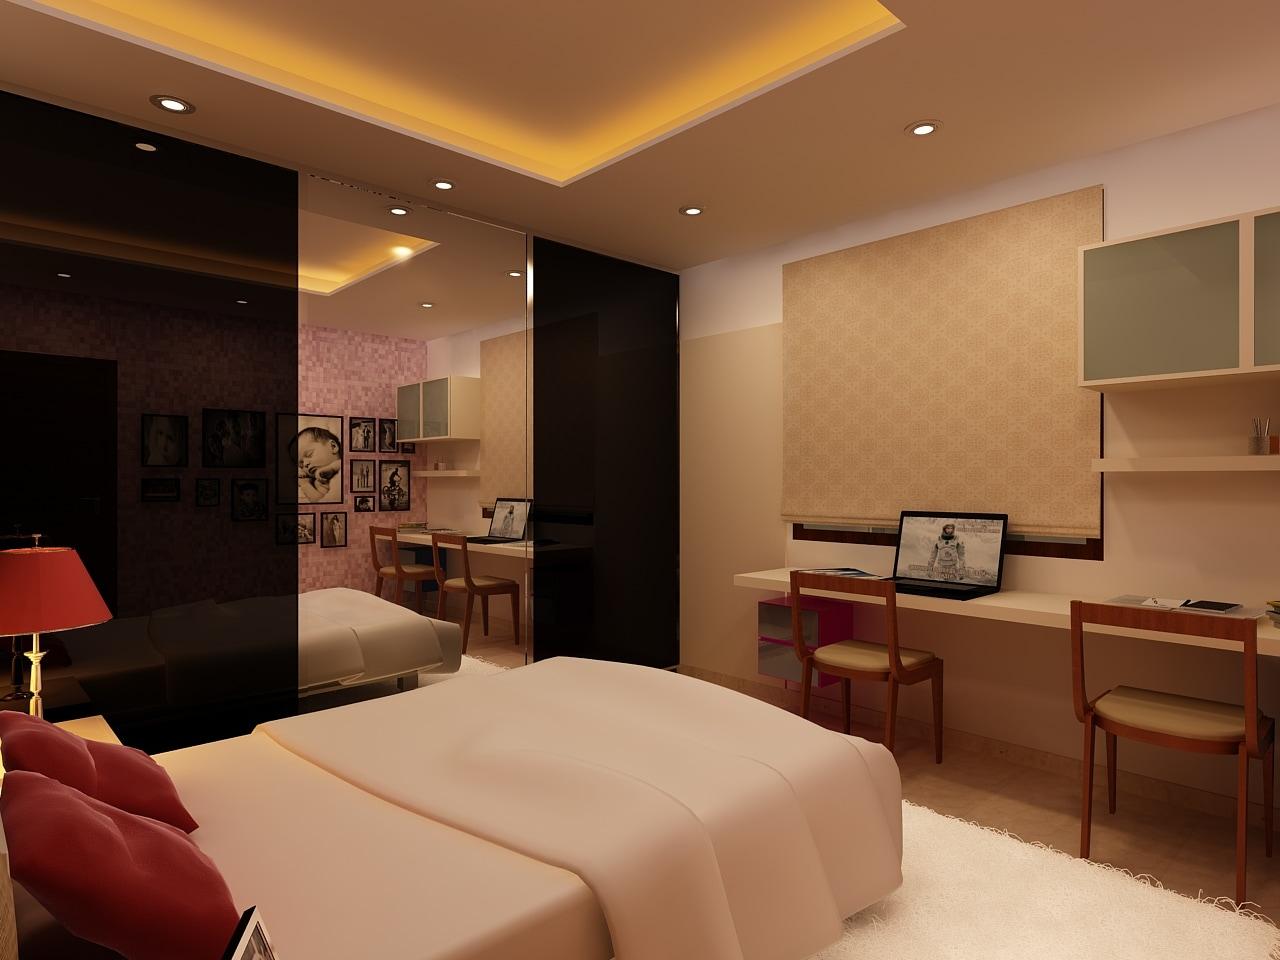 Modern Bedroom! by Mohammad Riyaz Bedroom Modern | Interior Design Photos & Ideas